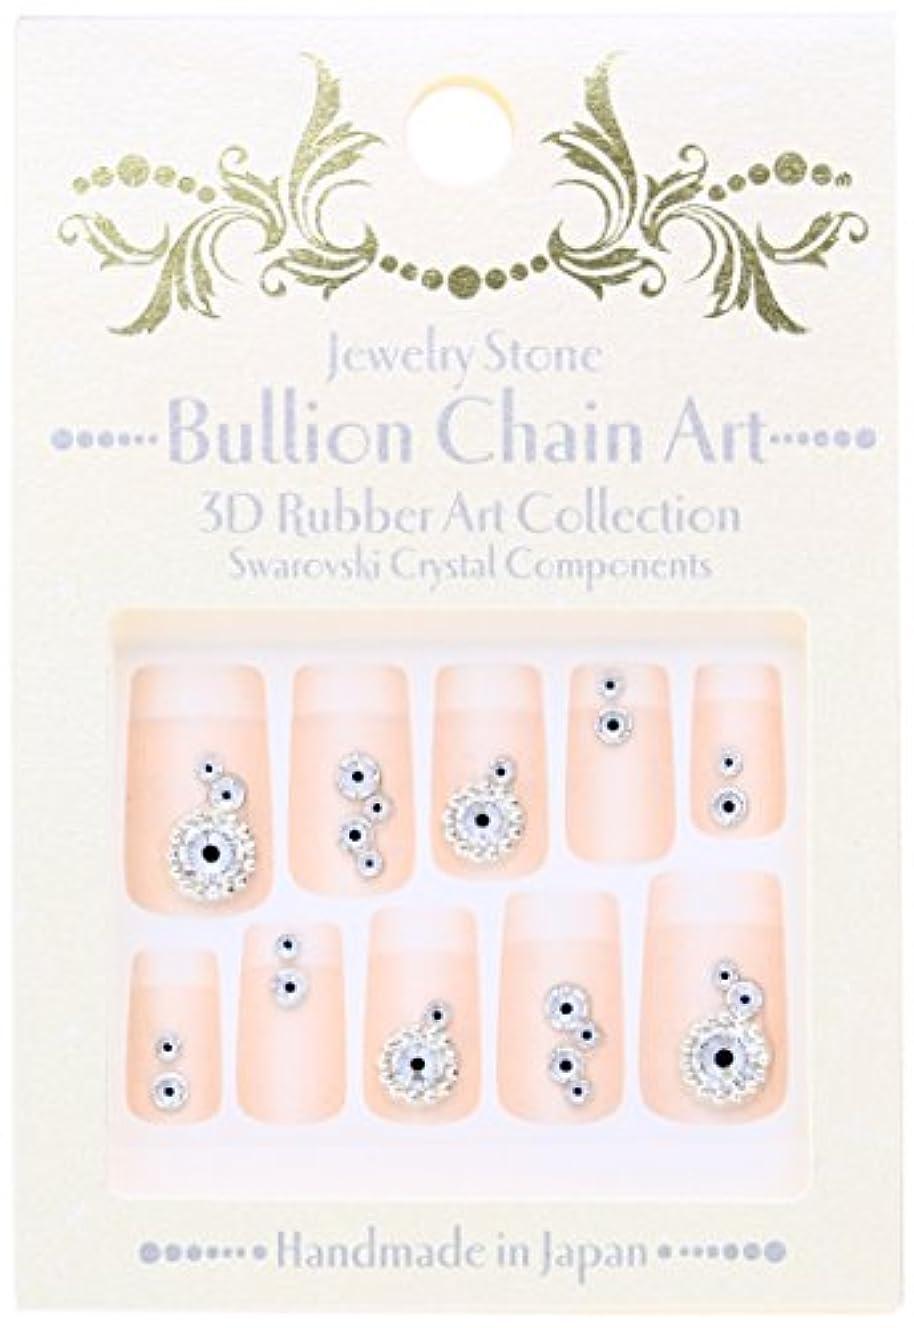 キウイあご耐えるBN 3Dラバーアートコレクション ブリオンチェインアート BJS-01